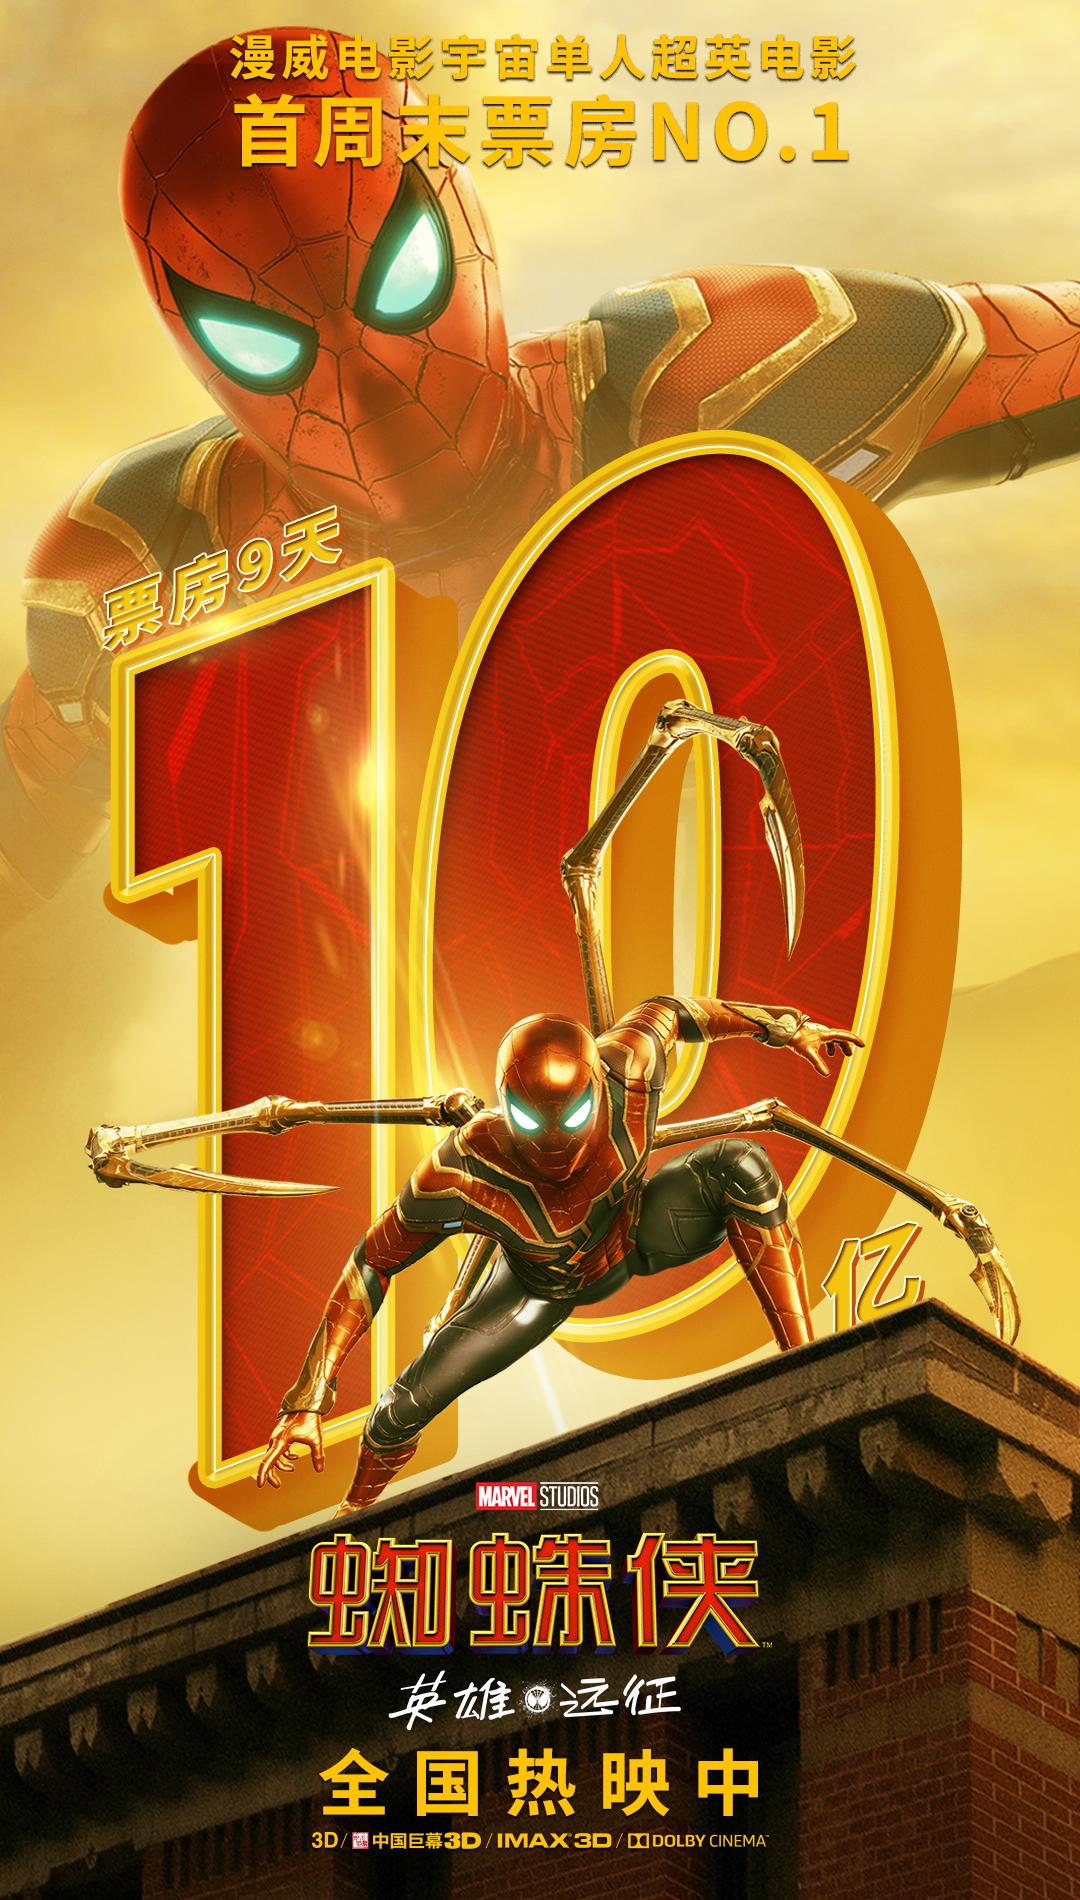 《蜘蛛侠:英雄远征》国内票房破10亿 全球大爆势如猛虎年度必看